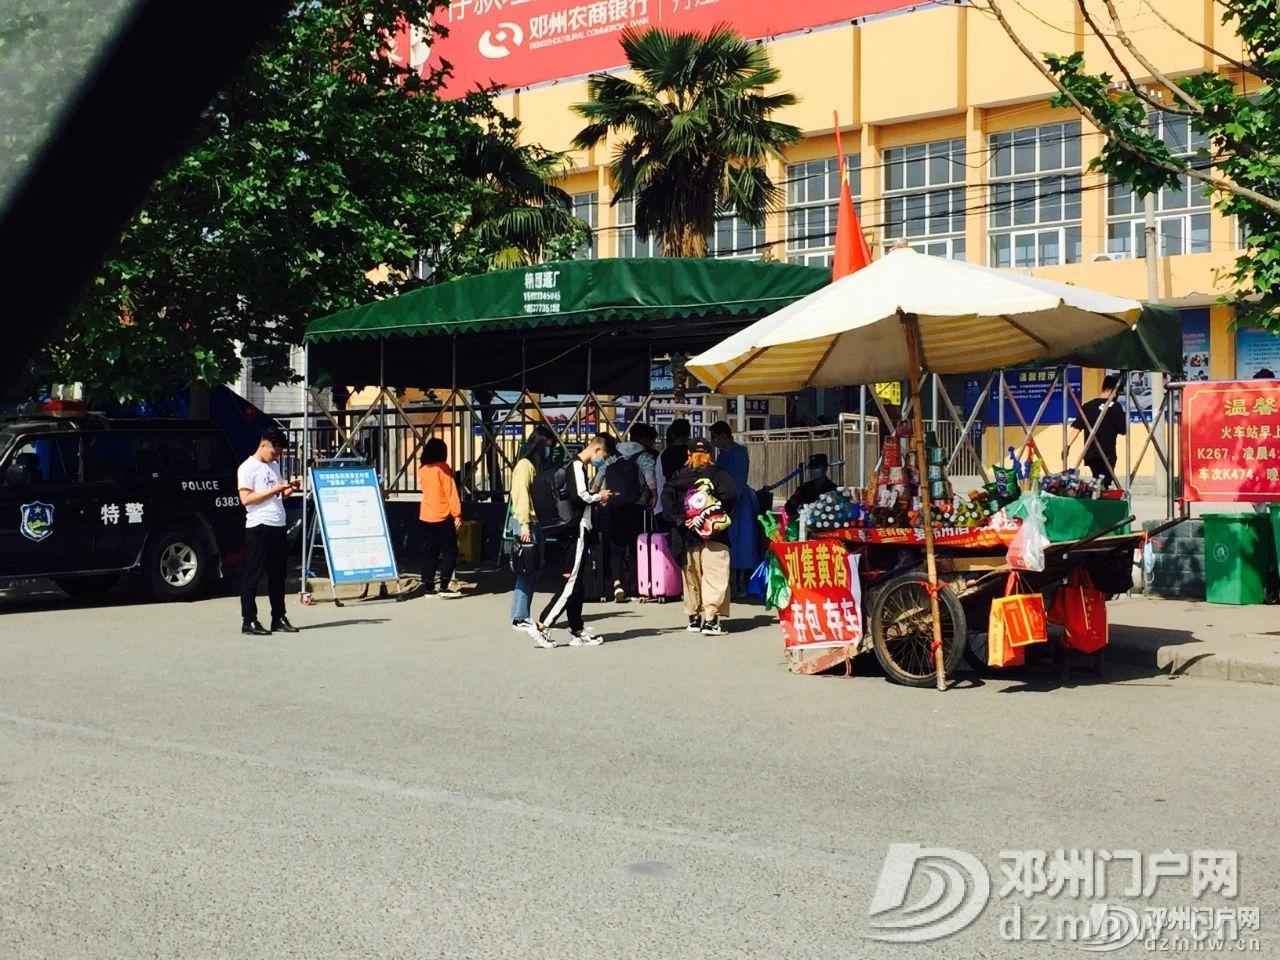 今天起,将有成千上万人离开邓州!在邓州火车站拍到这些画面… - 邓州门户网|邓州网 - 8ffc109d17386008ce84c43bdc036b38.jpg